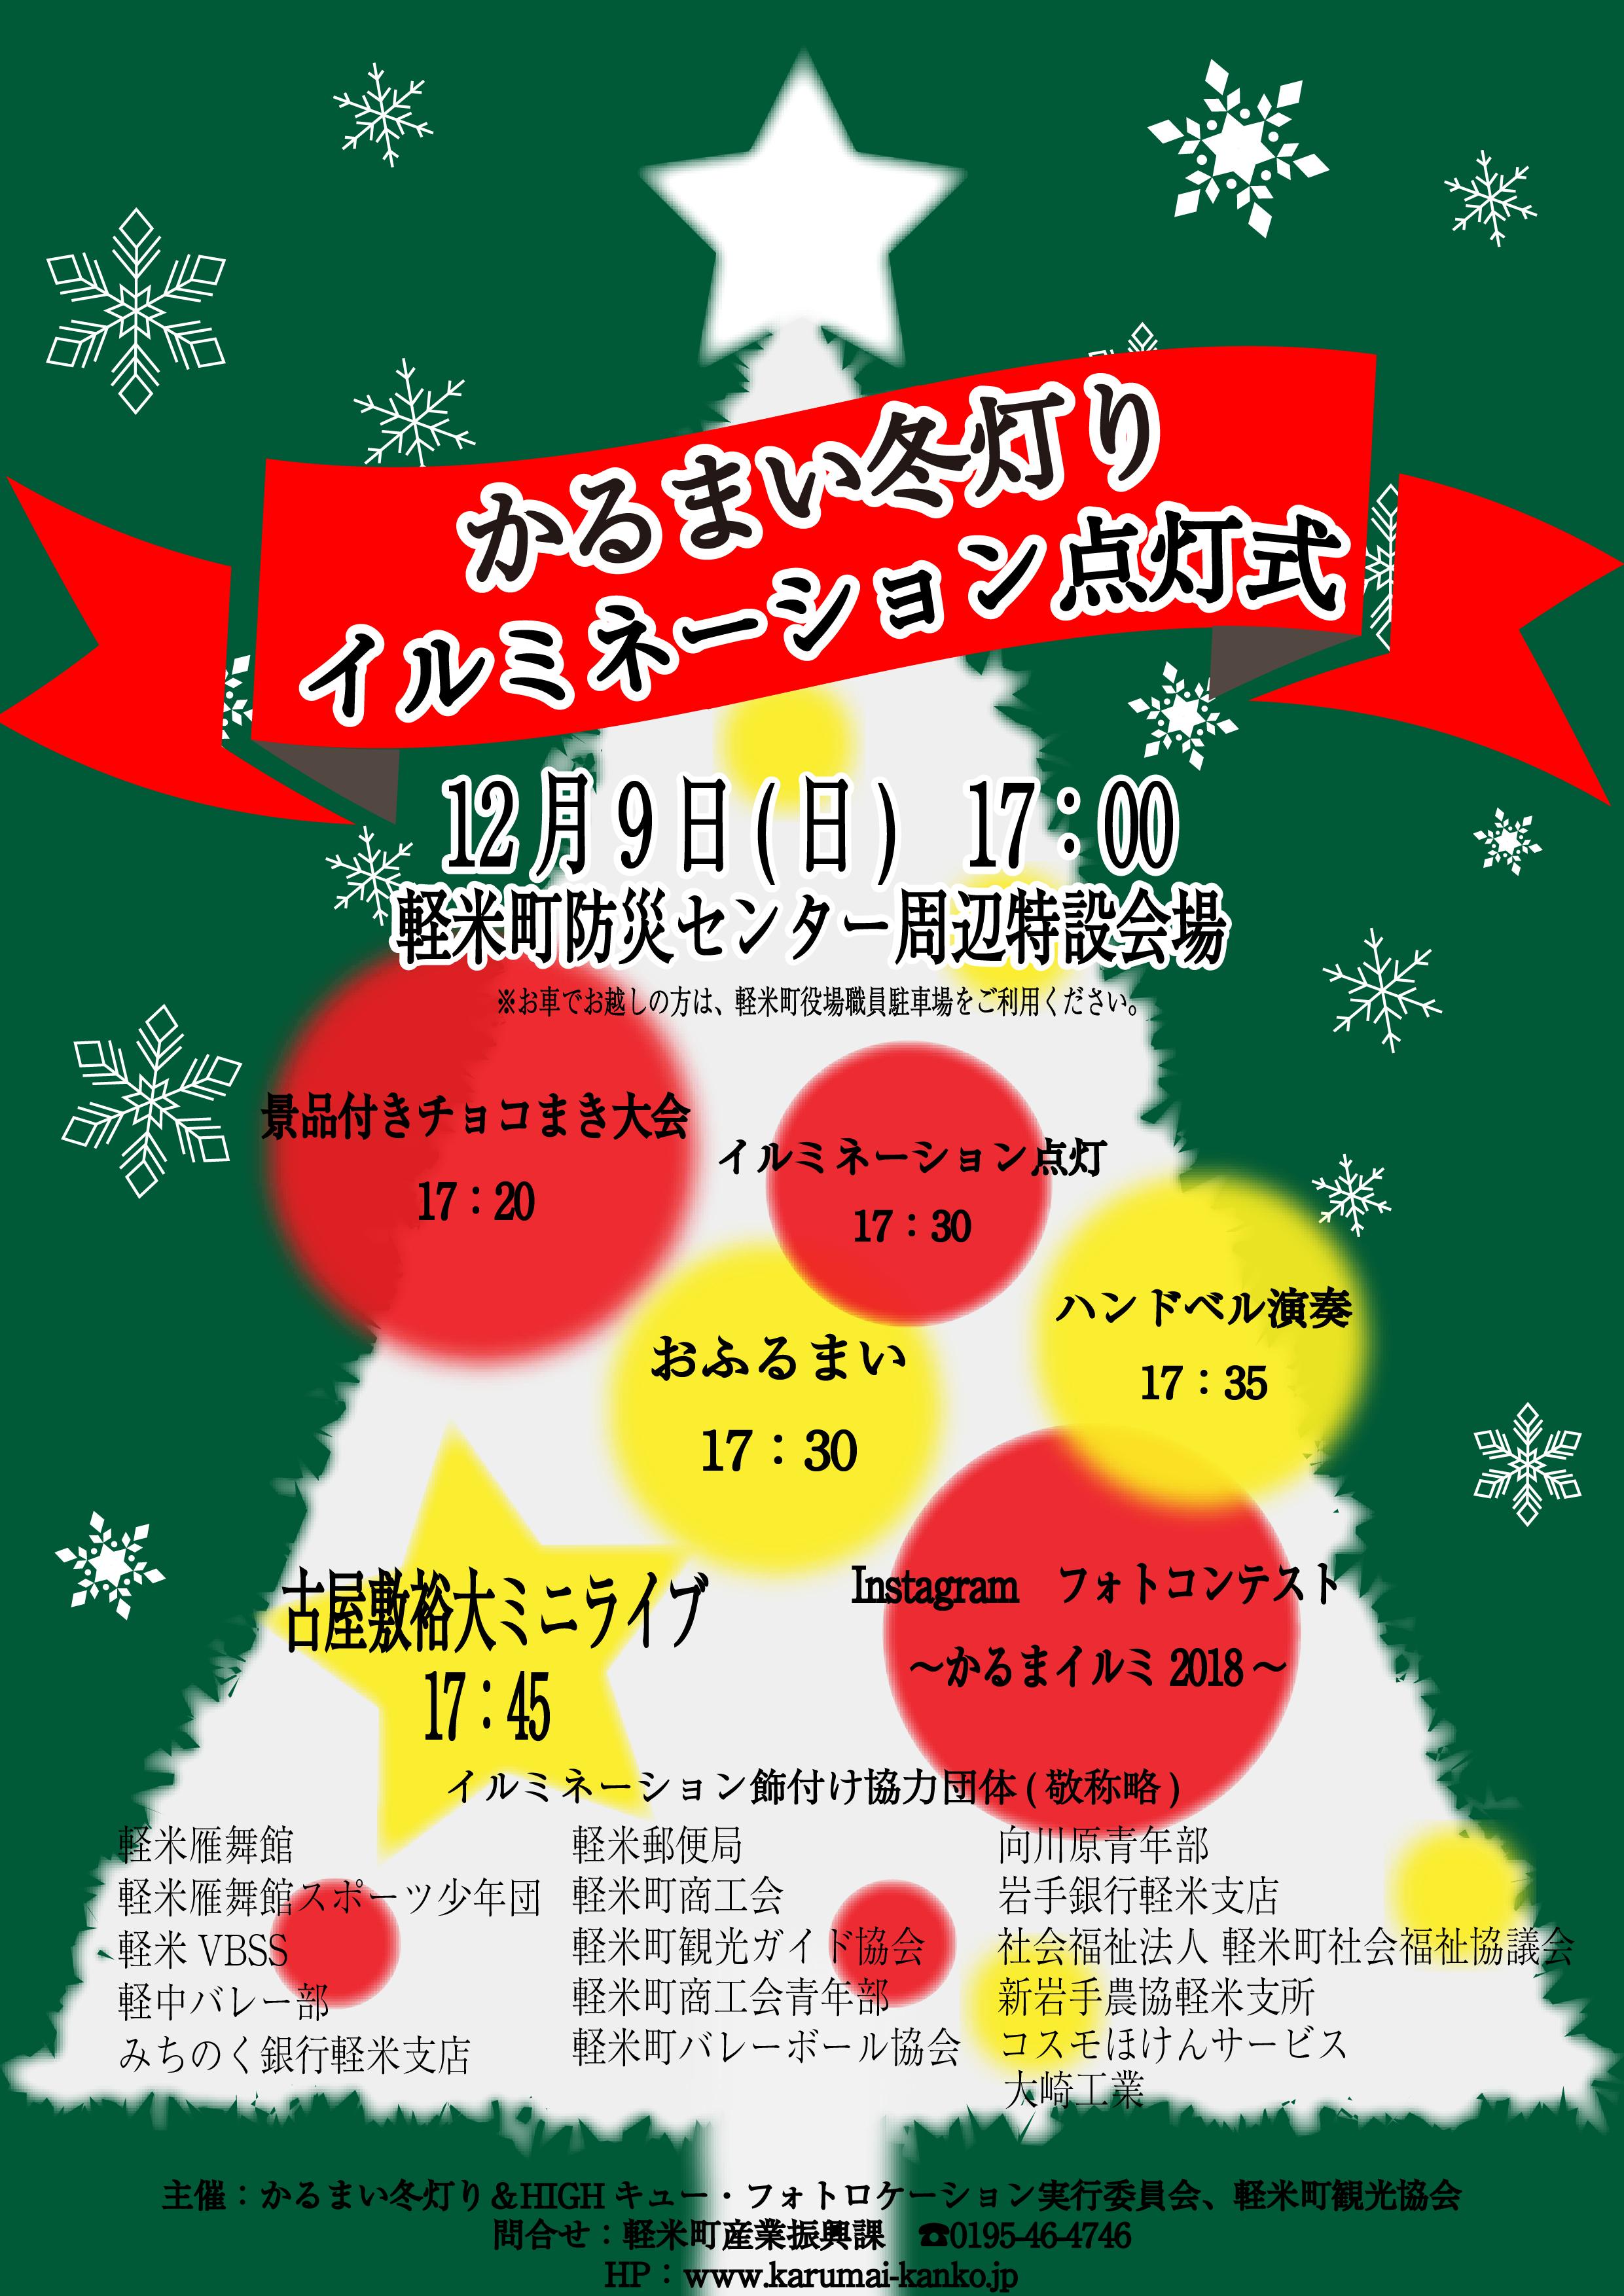 「かるまい冬灯りイルミネーション点灯式」開催のお知らせ(終了)